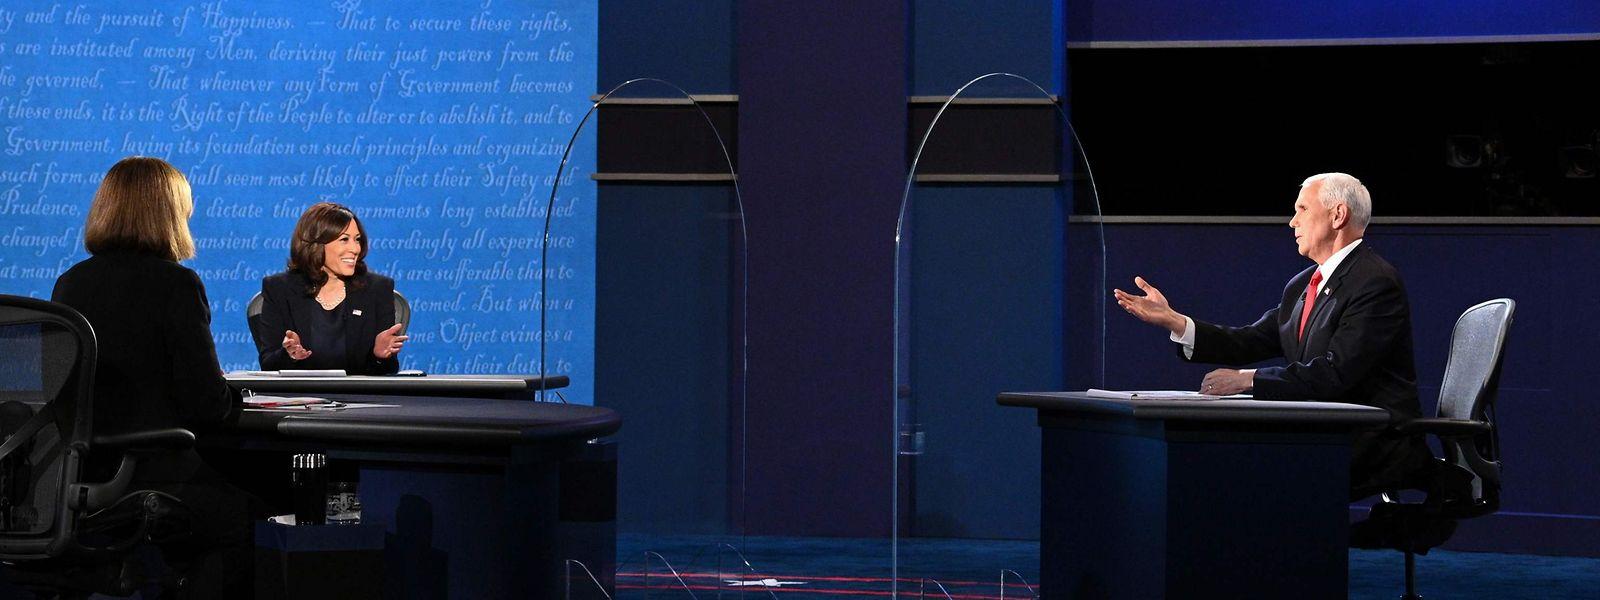 Beim TV-Duell der Vizepräsidentschaftskandidaten geht es zwischen Kamala Harris und Mike Pence deutlich gesitteter zu als zwischen Trump und Biden.